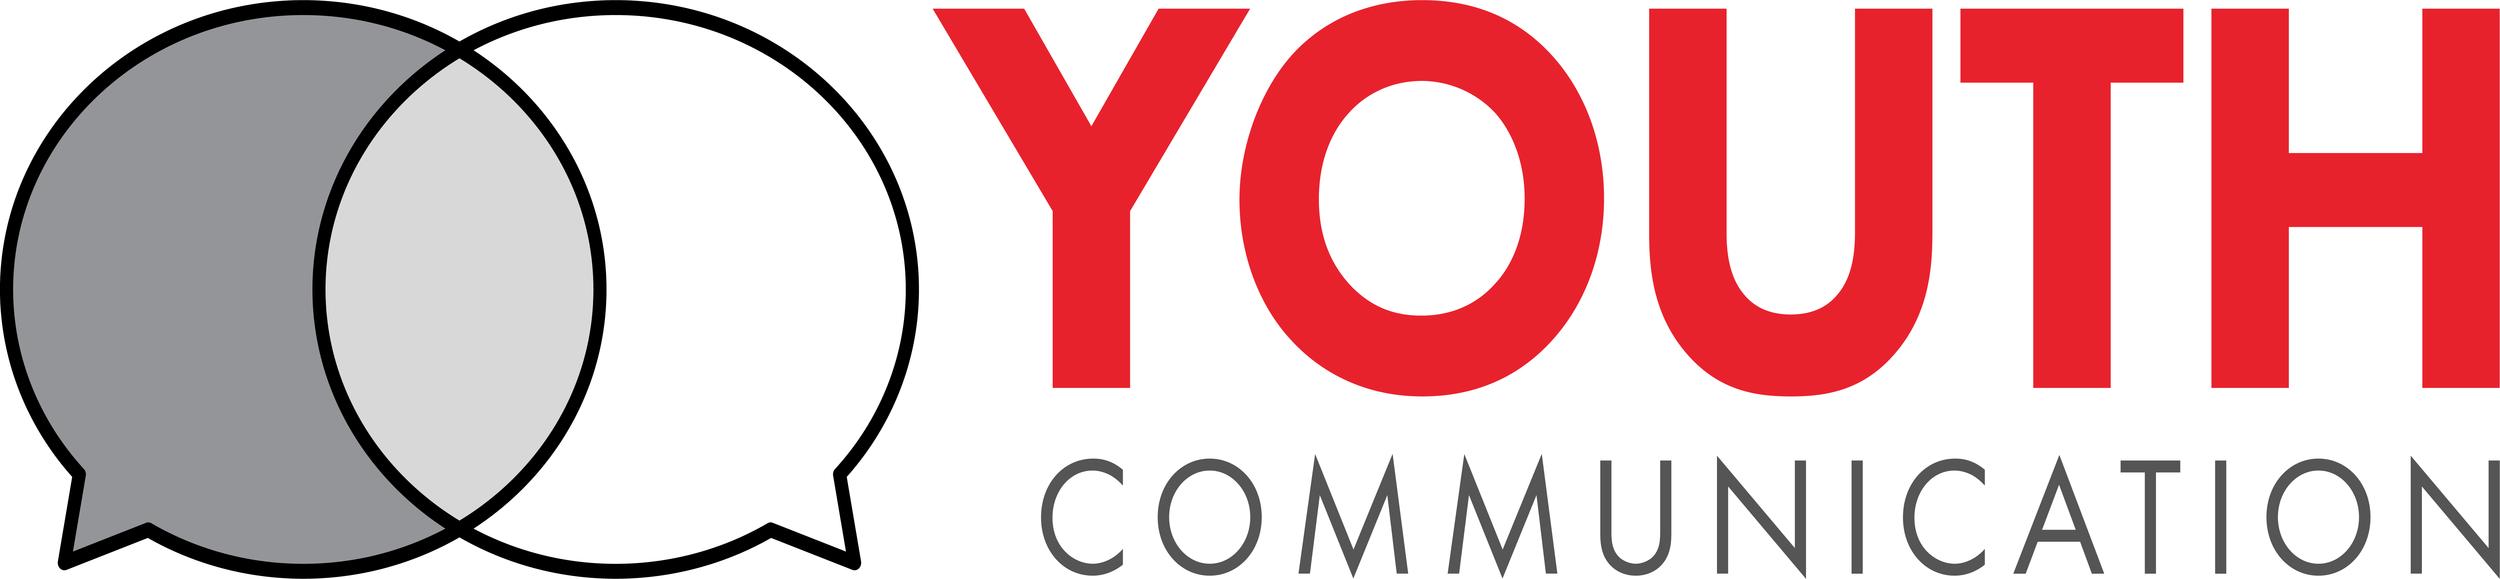 logoyouthcomm.png